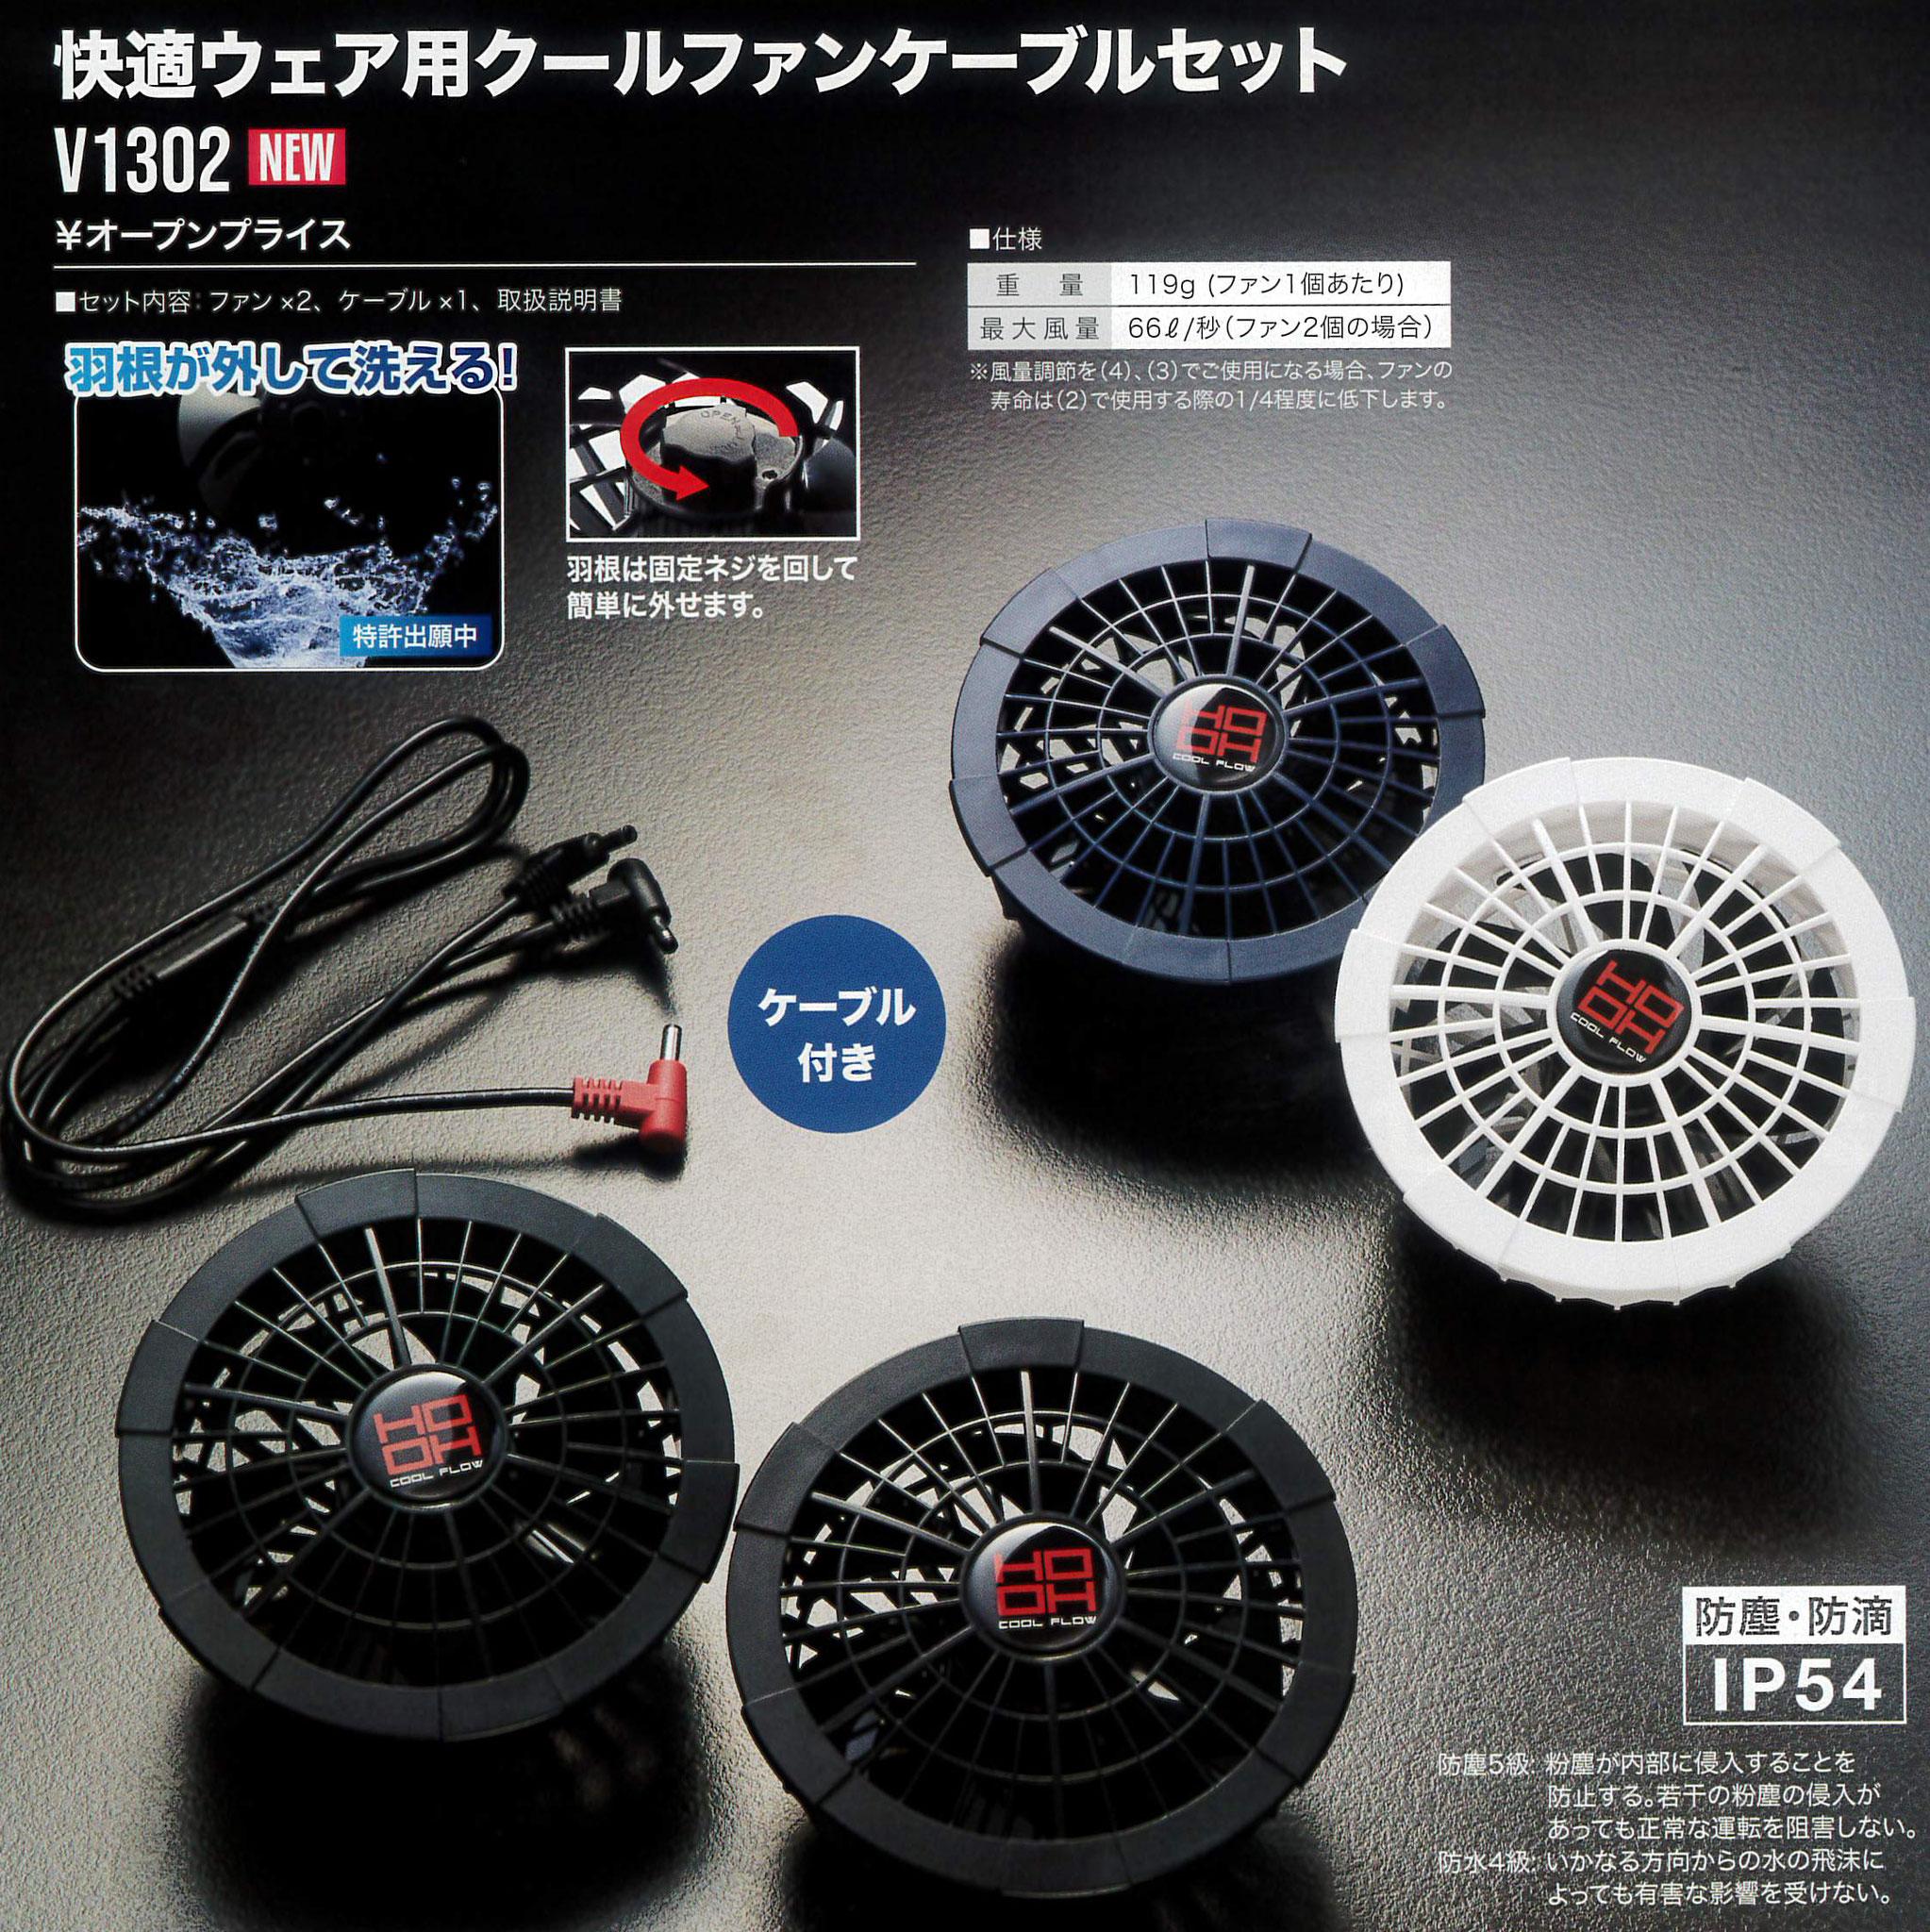 鳳皇 HOOH~V1301/V1302 空調機器 ¥17,840(税込)